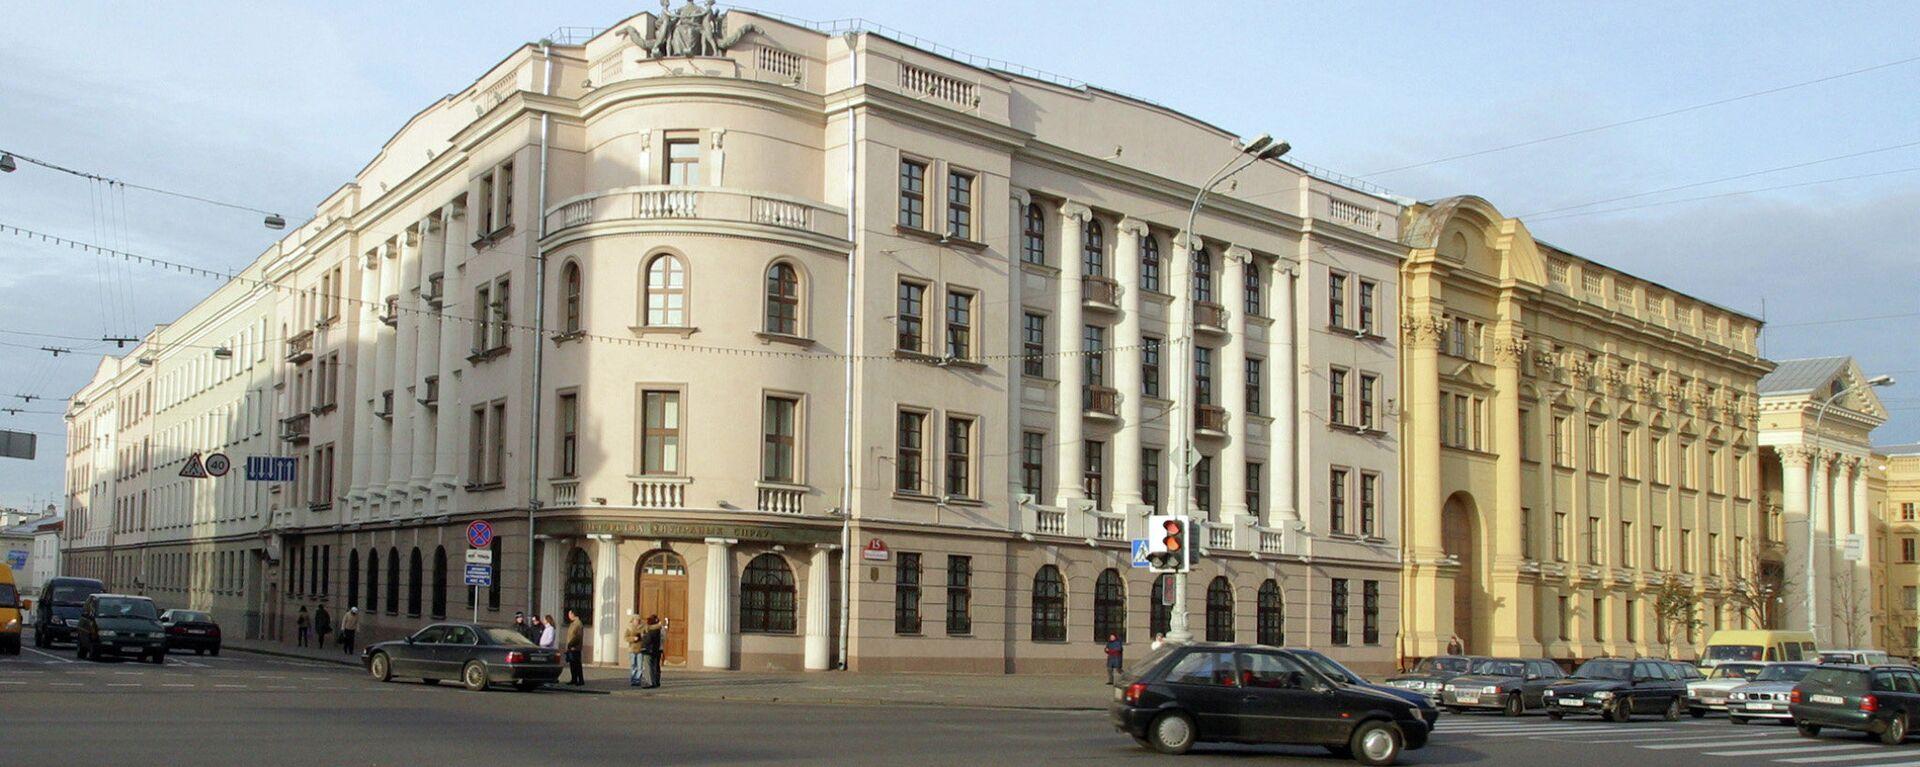 Будынак МУС і КДБ Беларусі - Sputnik Беларусь, 1920, 25.03.2021